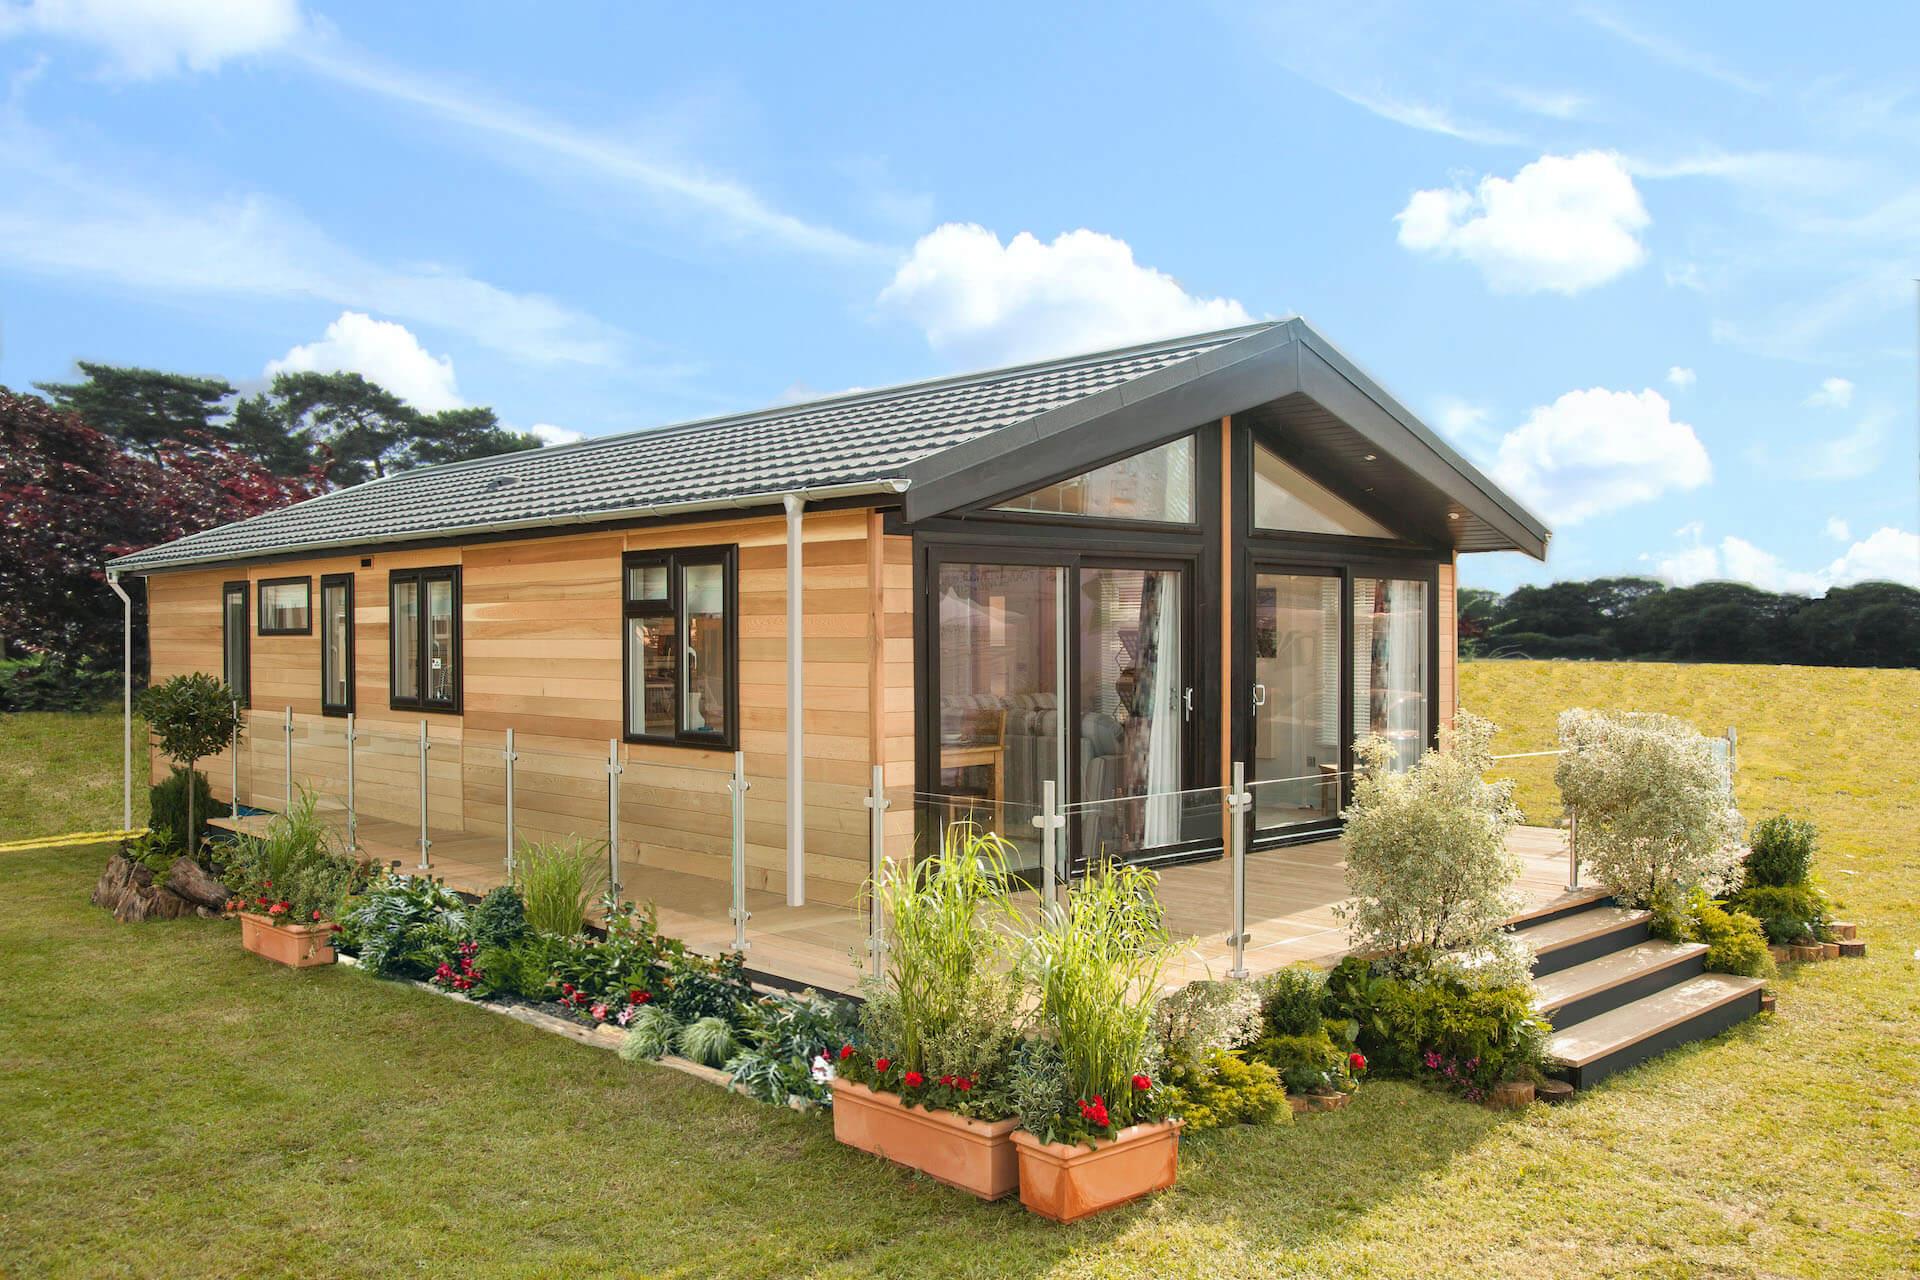 Wessex-Contemporary-Luxury-Lodge-Exterior-Cedar-Clad